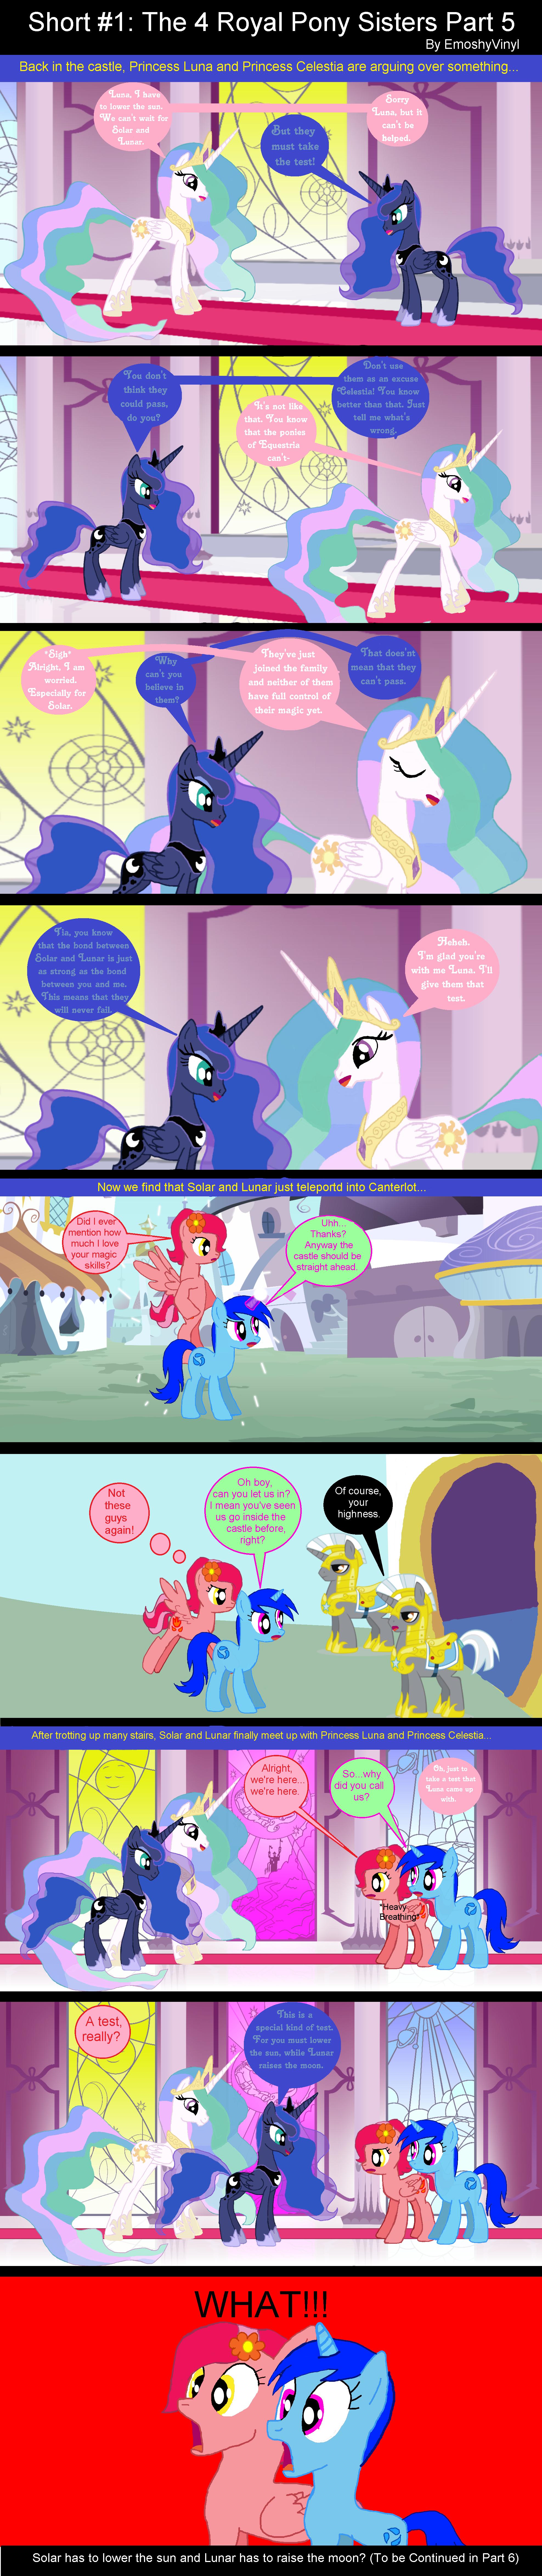 Short #1: The 4 Royal Pony Sisters Part 5 by EmoshyVinyl